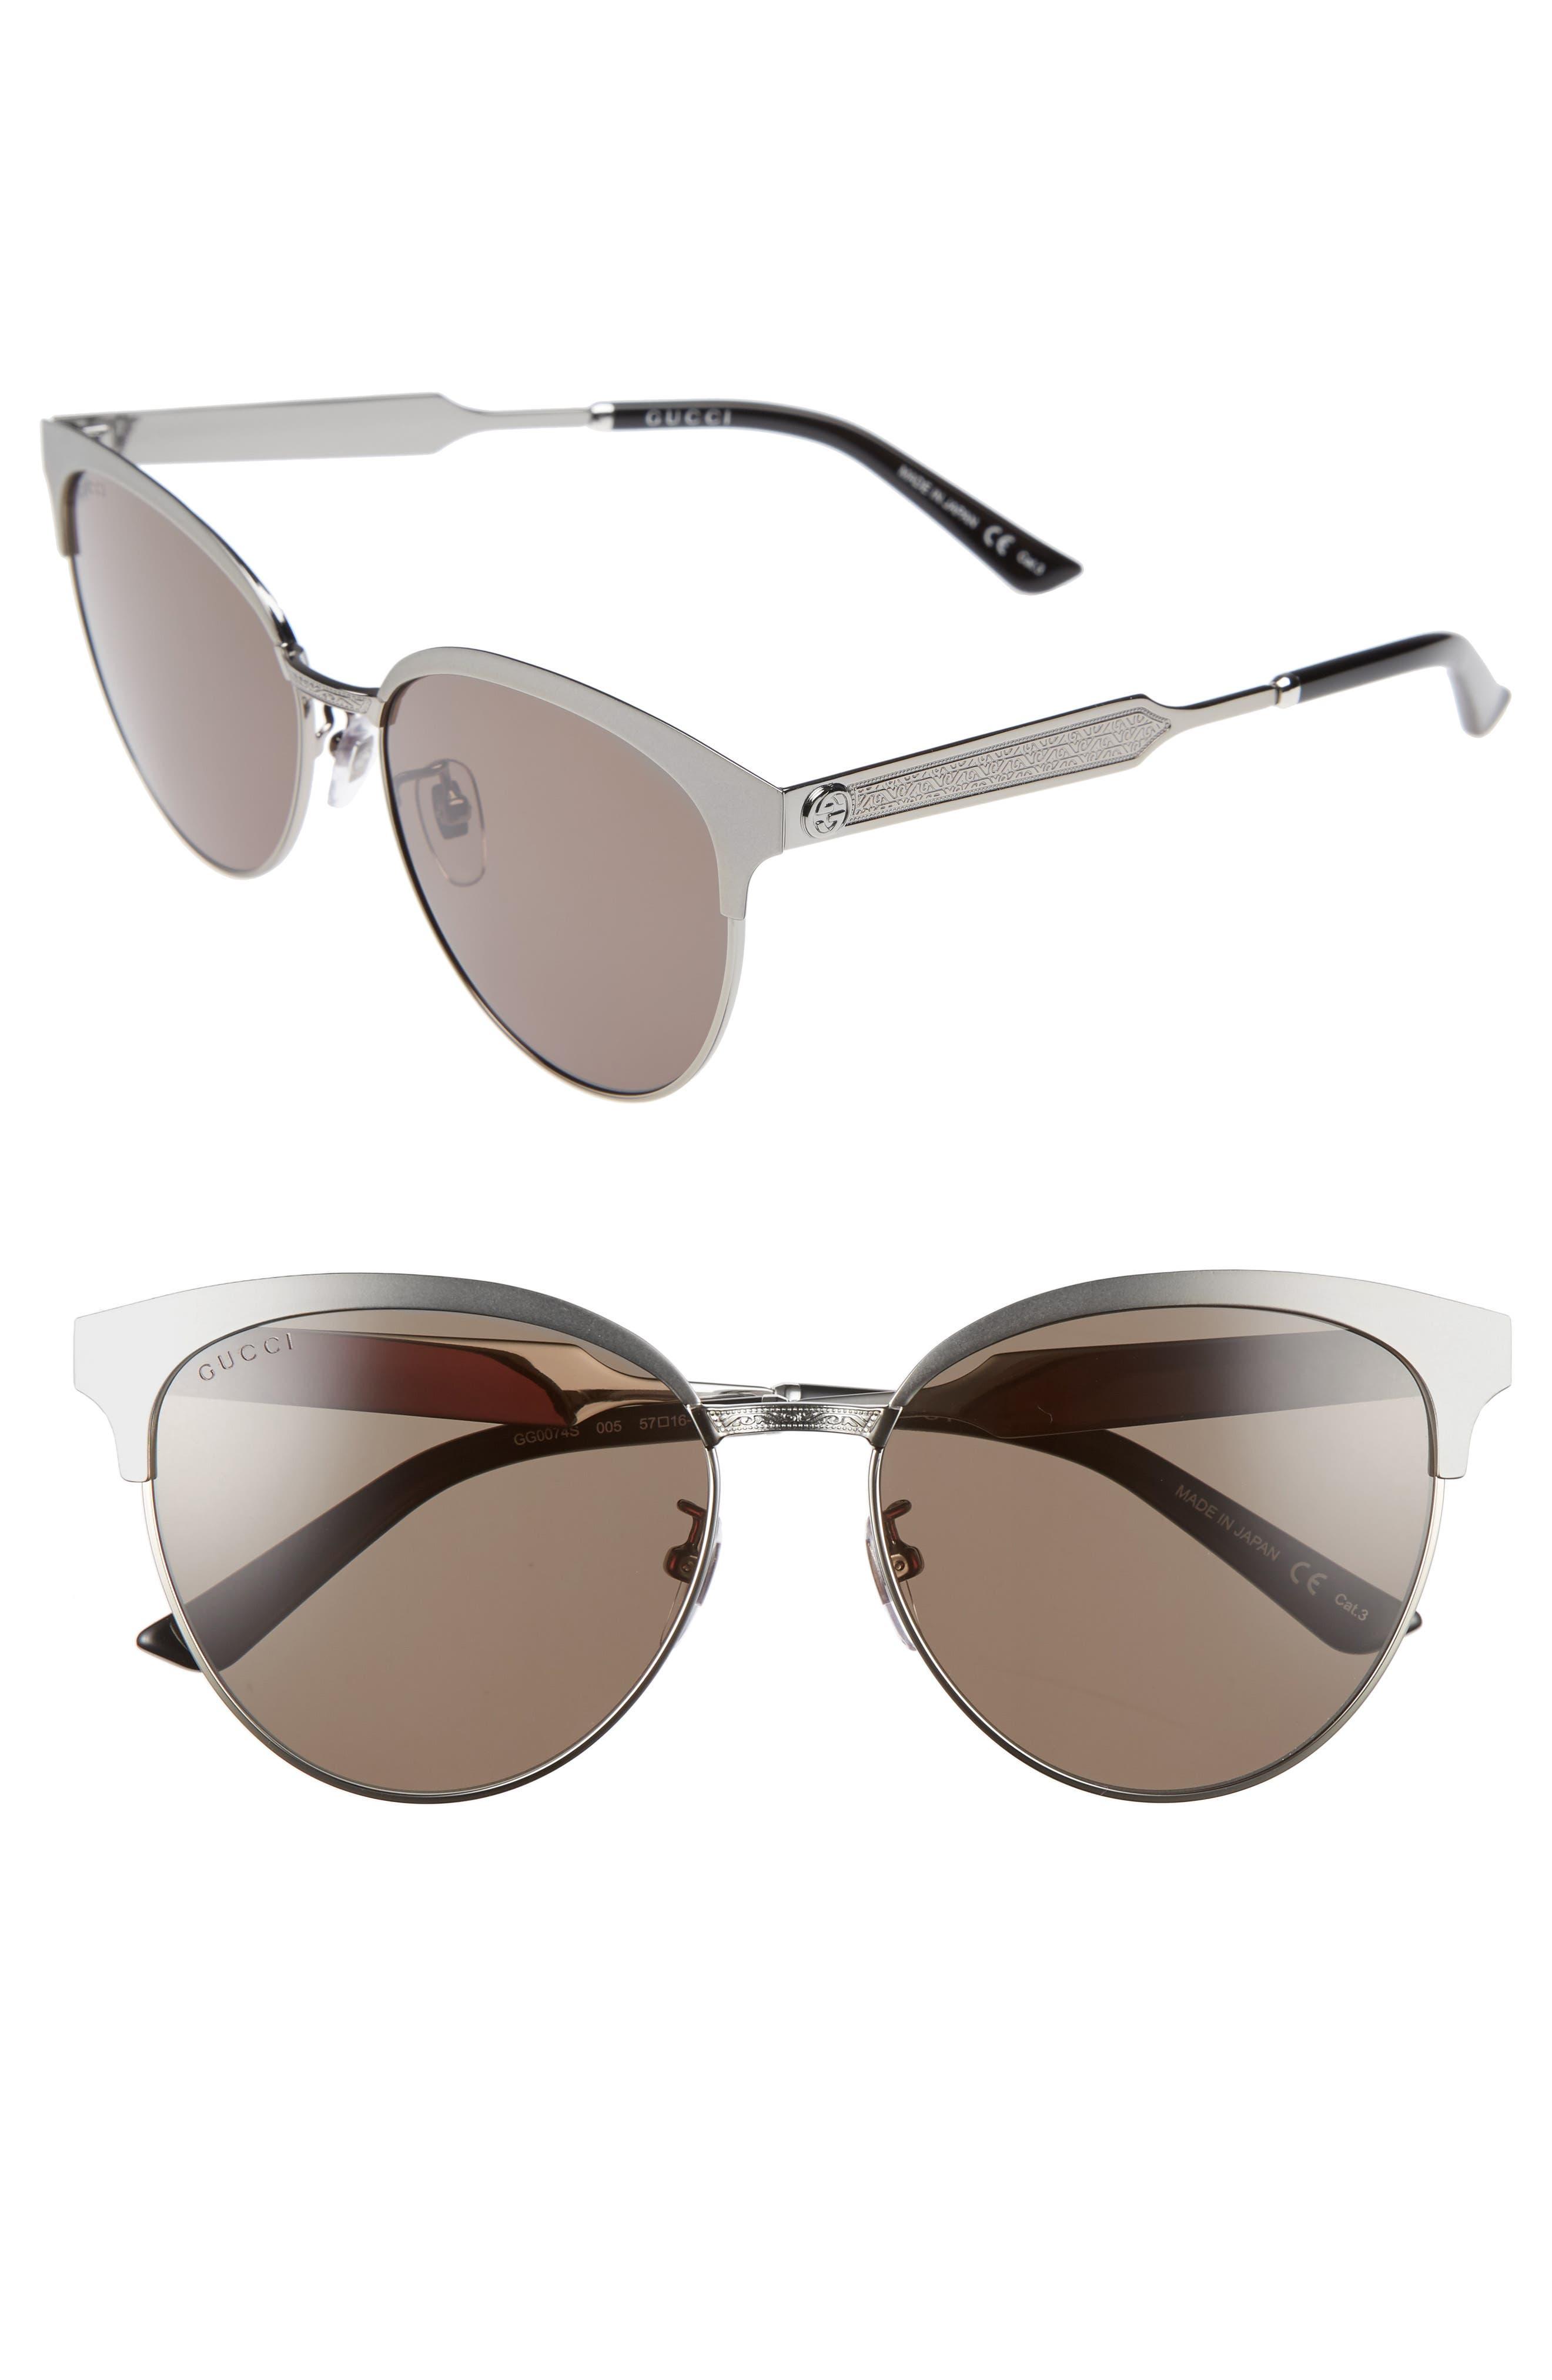 57mm Retro Sunglasses,                         Main,                         color, Ruthenium/ Green